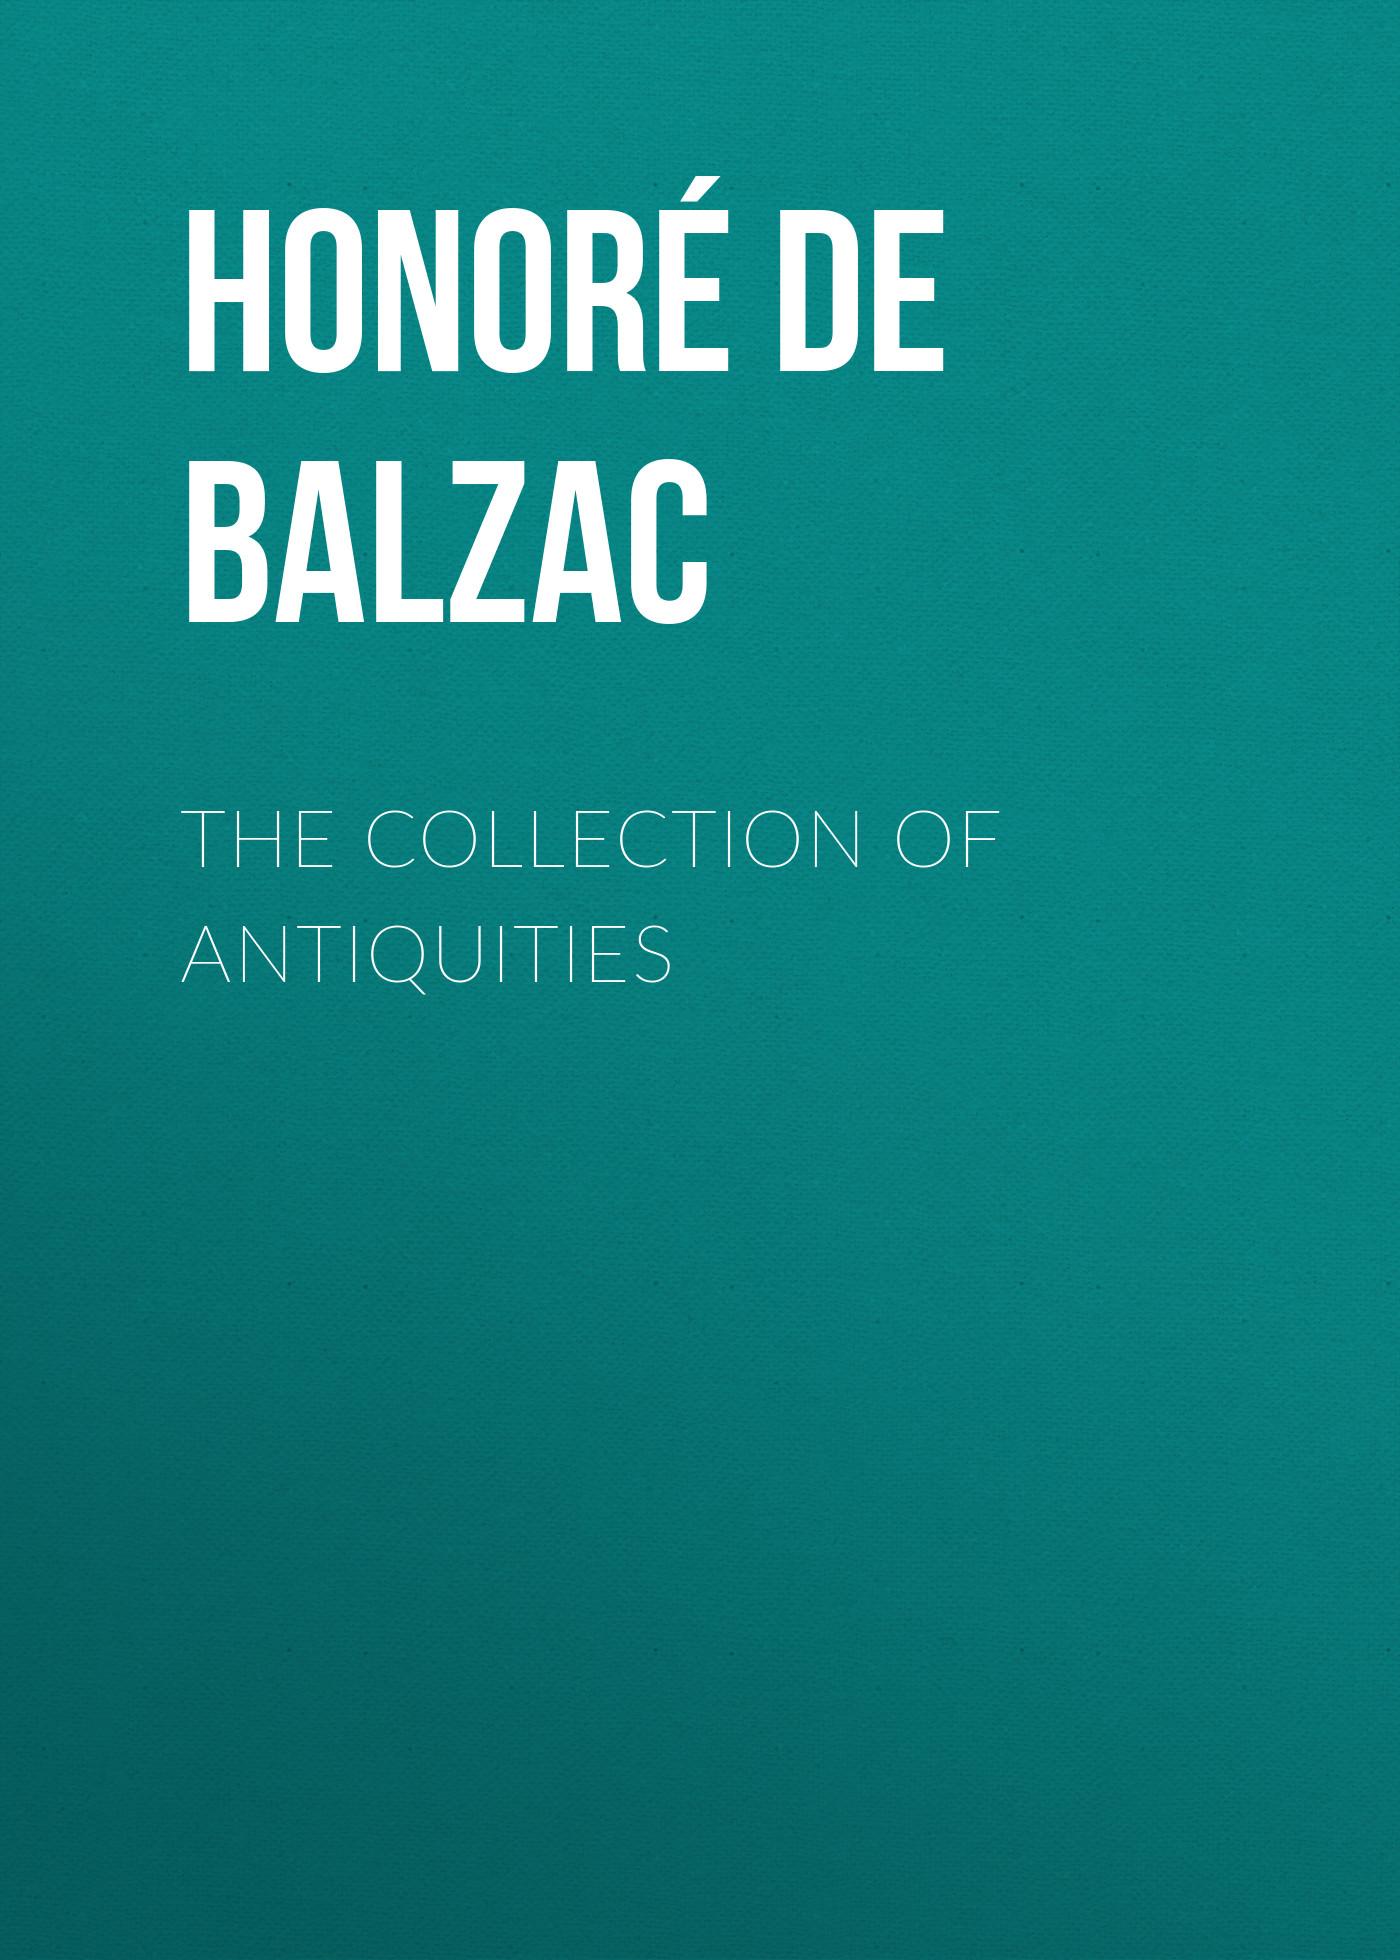 цена на Оноре де Бальзак The Collection of Antiquities